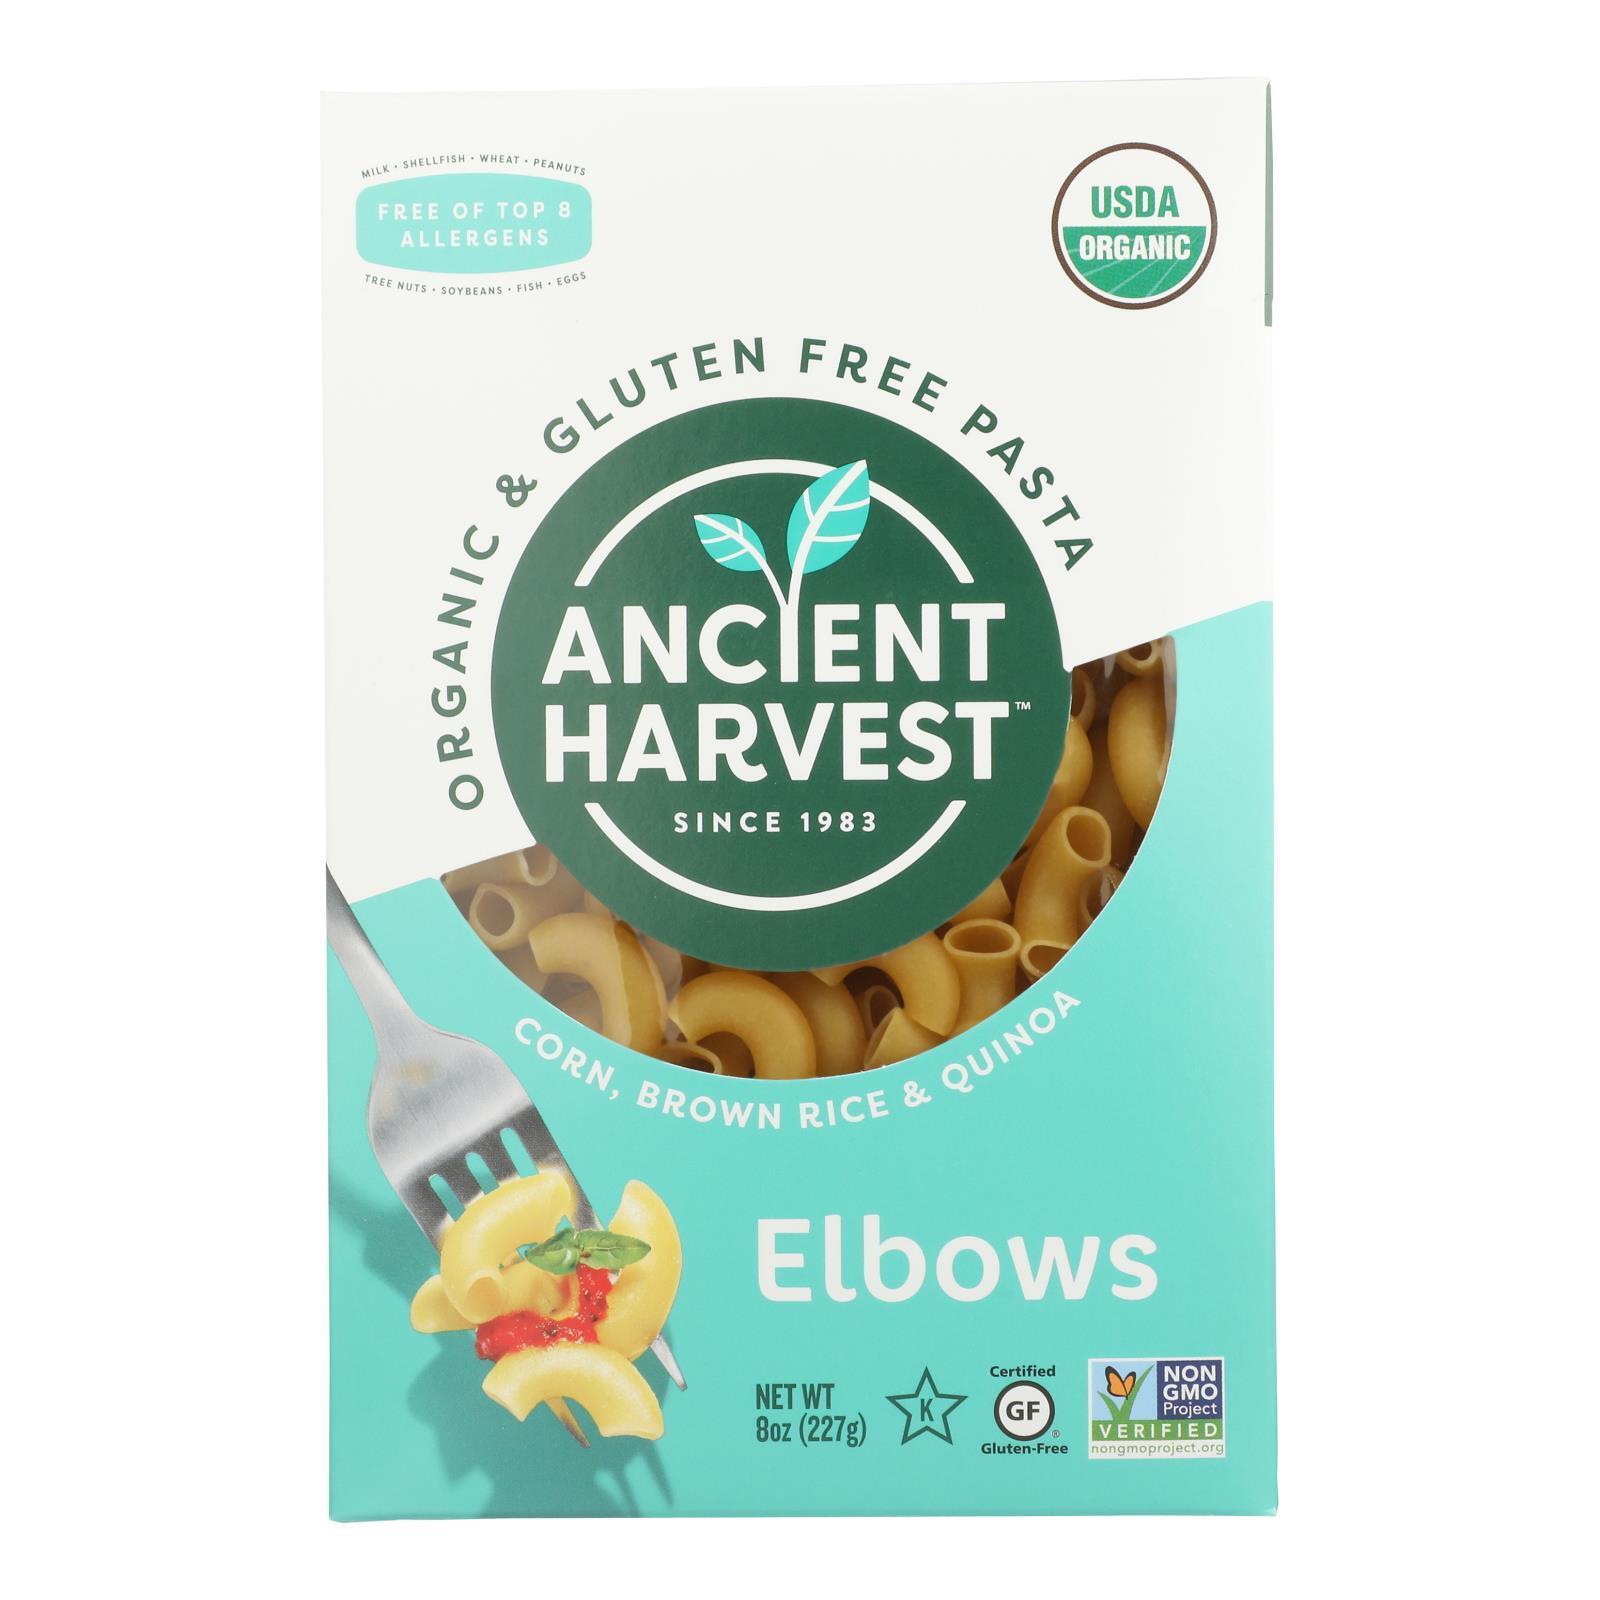 Ancient Harvest Organic Quinoa Supergrain Pasta - Elbows - Case of 12 - 8 oz